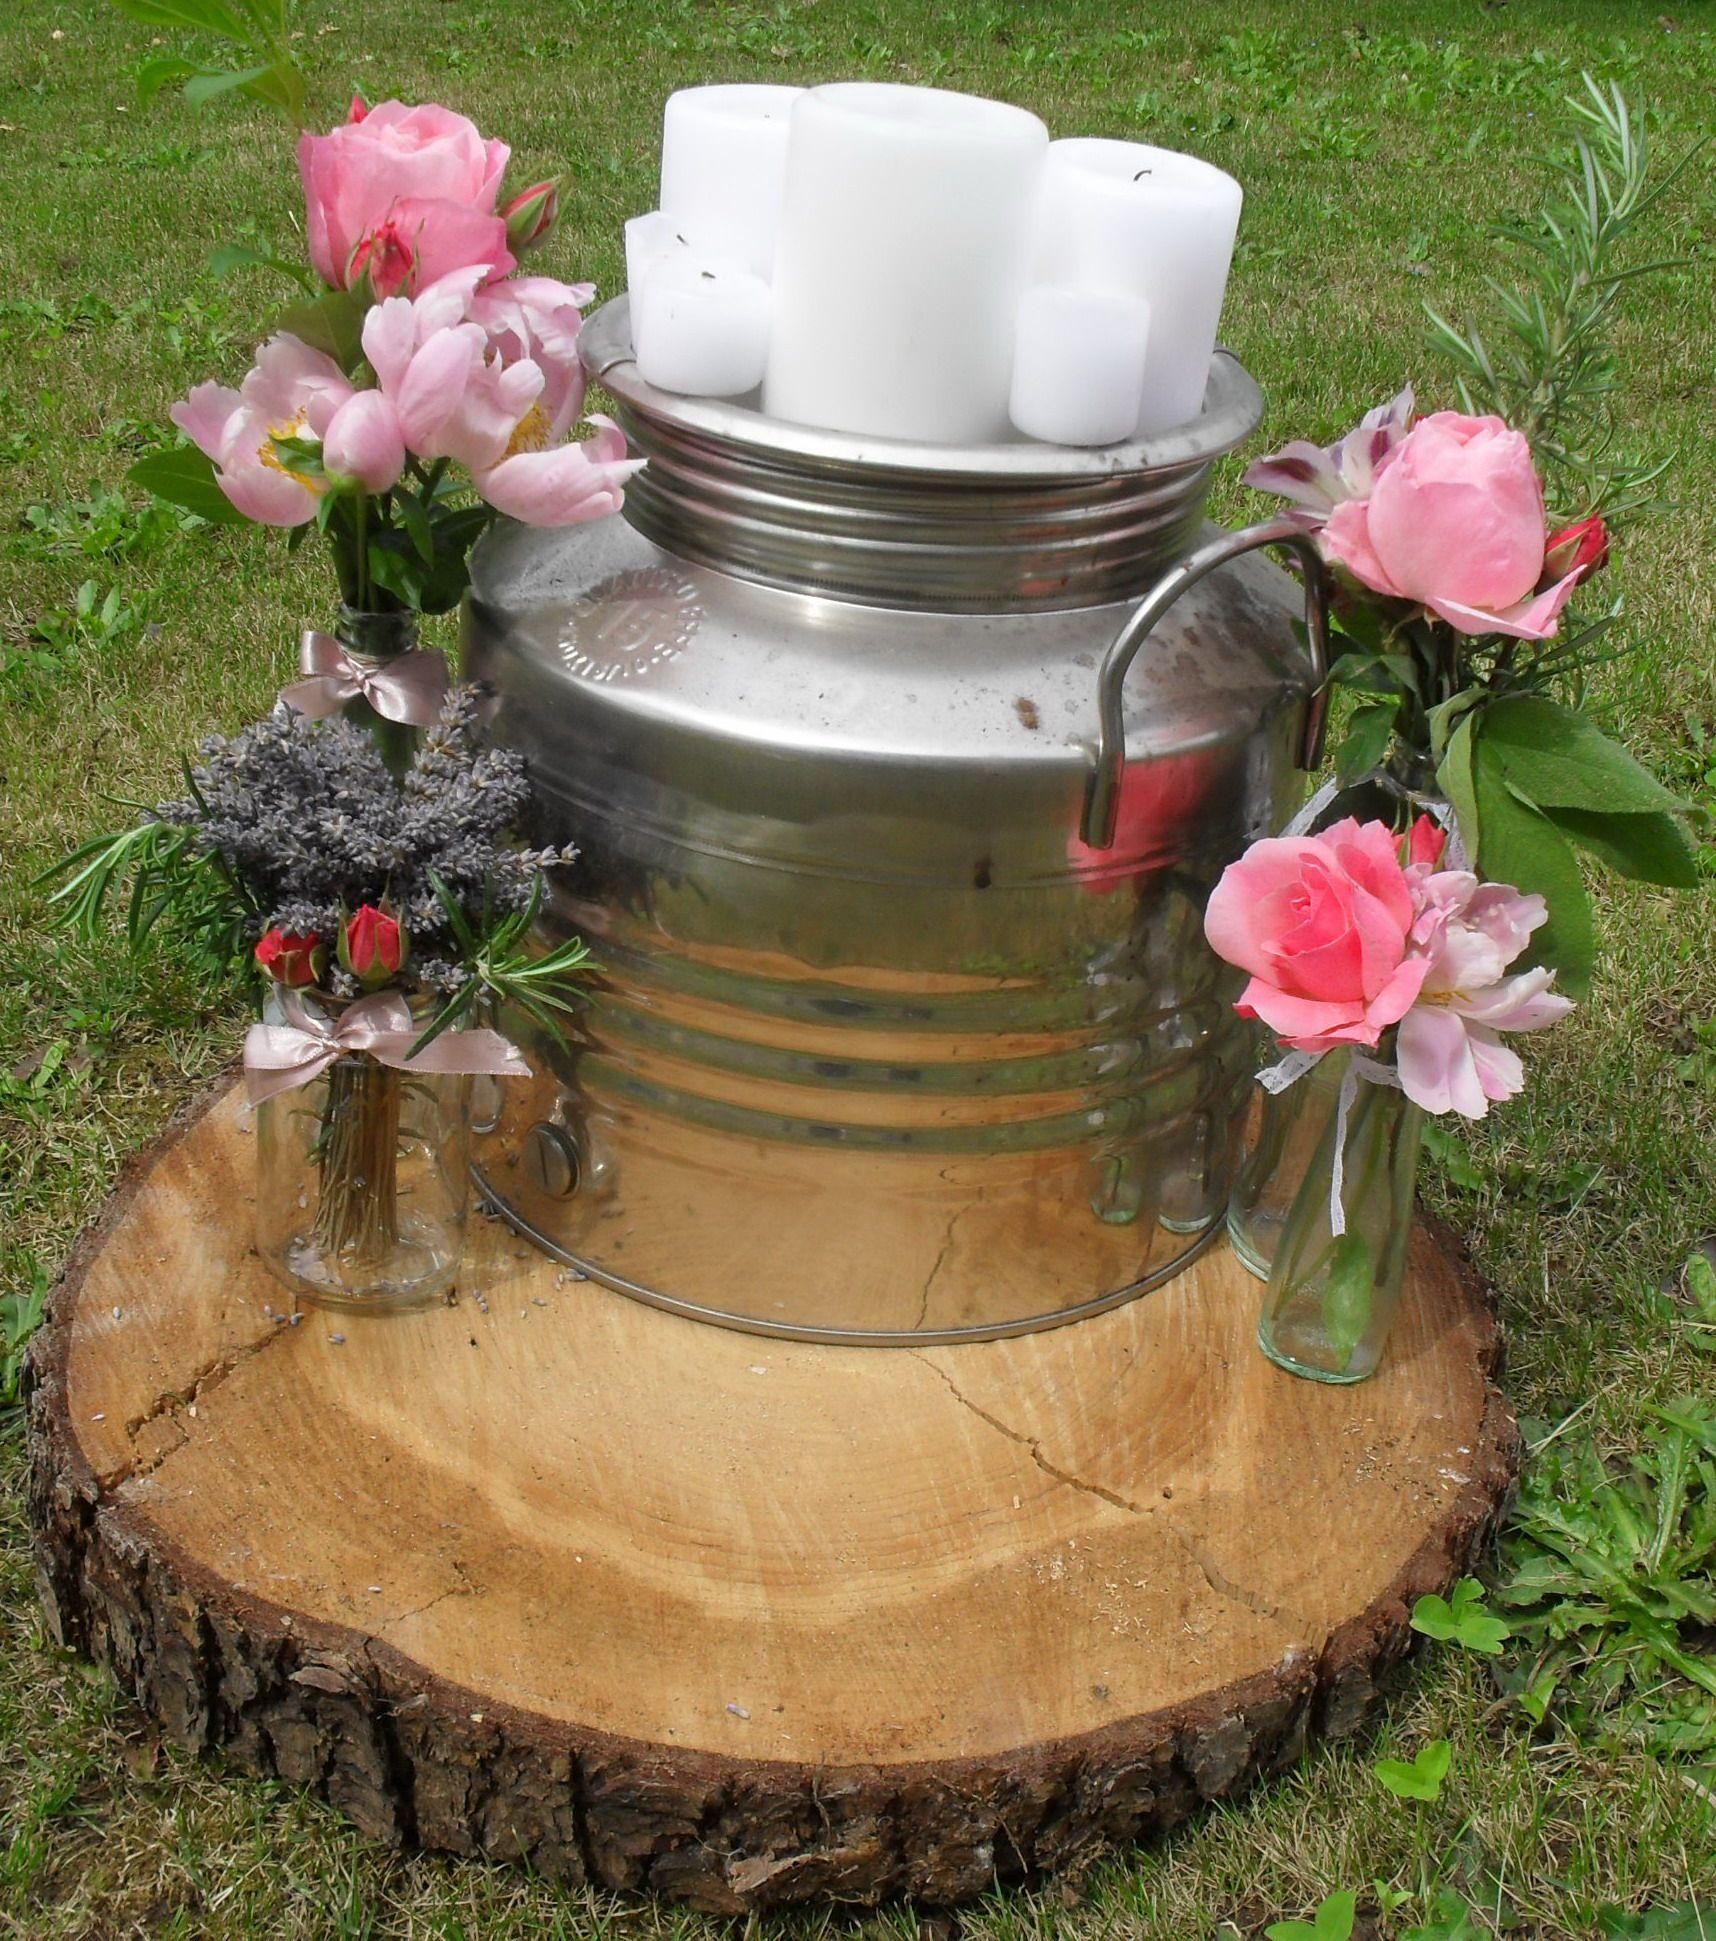 Un romanticissimo allestimento contry chic per l'ingresso del rito civile, con un leggero sapore provenzale. Lovelly pink, wedding, flower decoration.